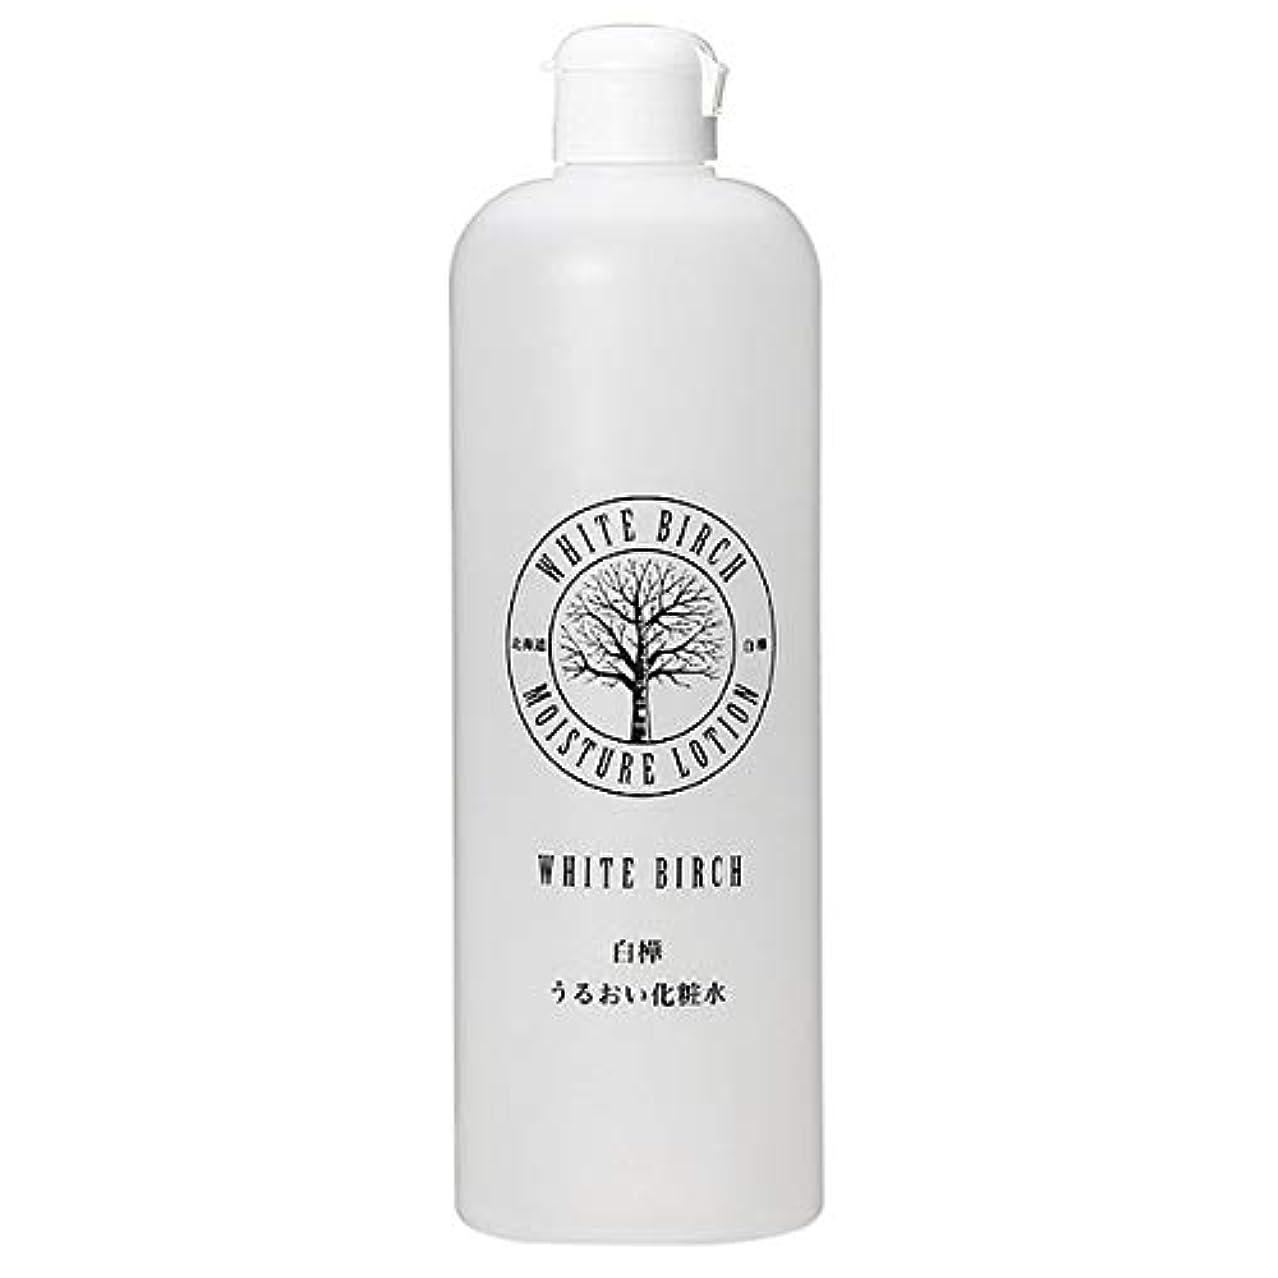 ローラーこんにちはマルクス主義者北海道アンソロポロジー 白樺うるおい化粧水 500mL